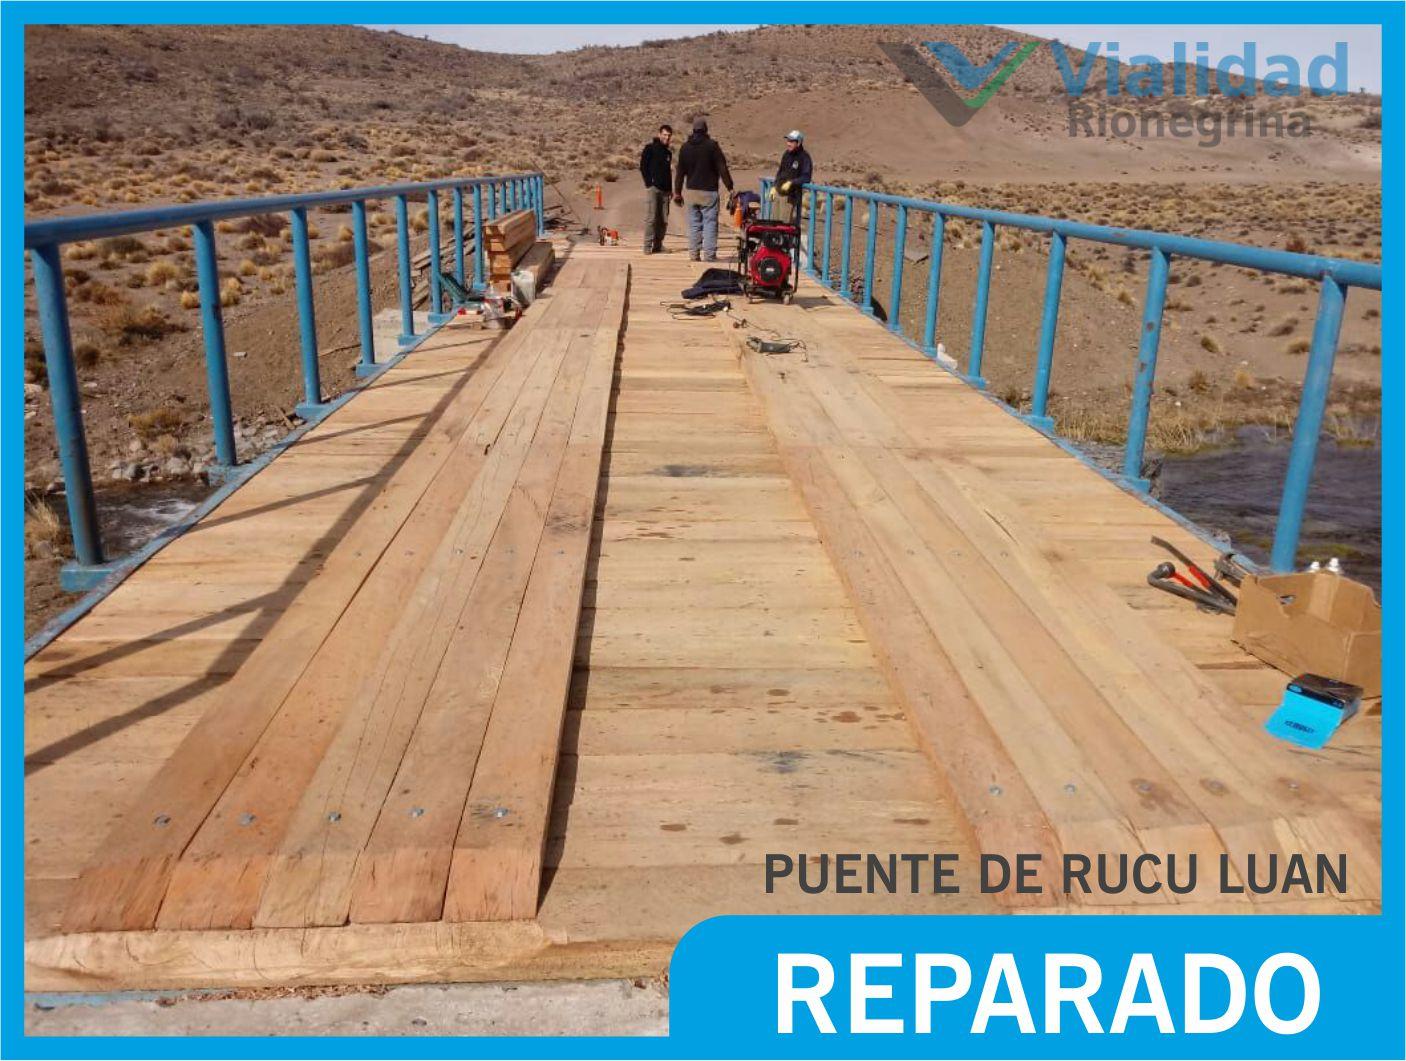 Puente Rucu Luan REPARADO